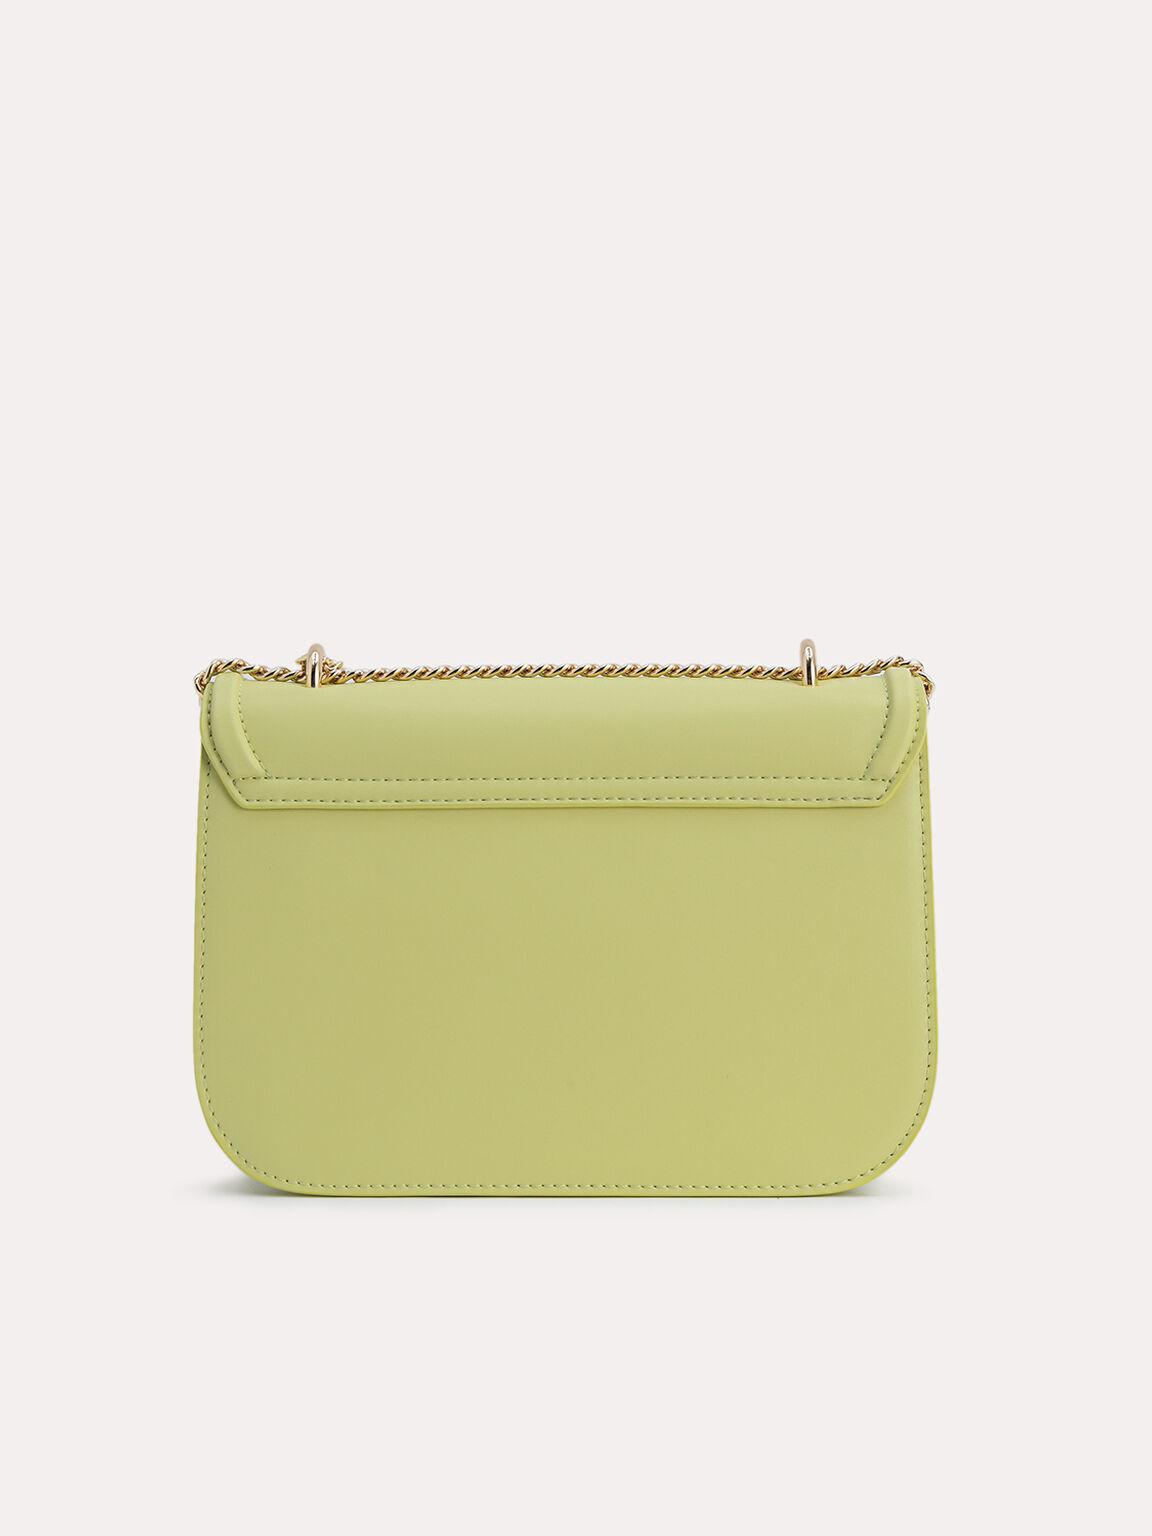 Leather Shoulder Bag, Light Green, hi-res